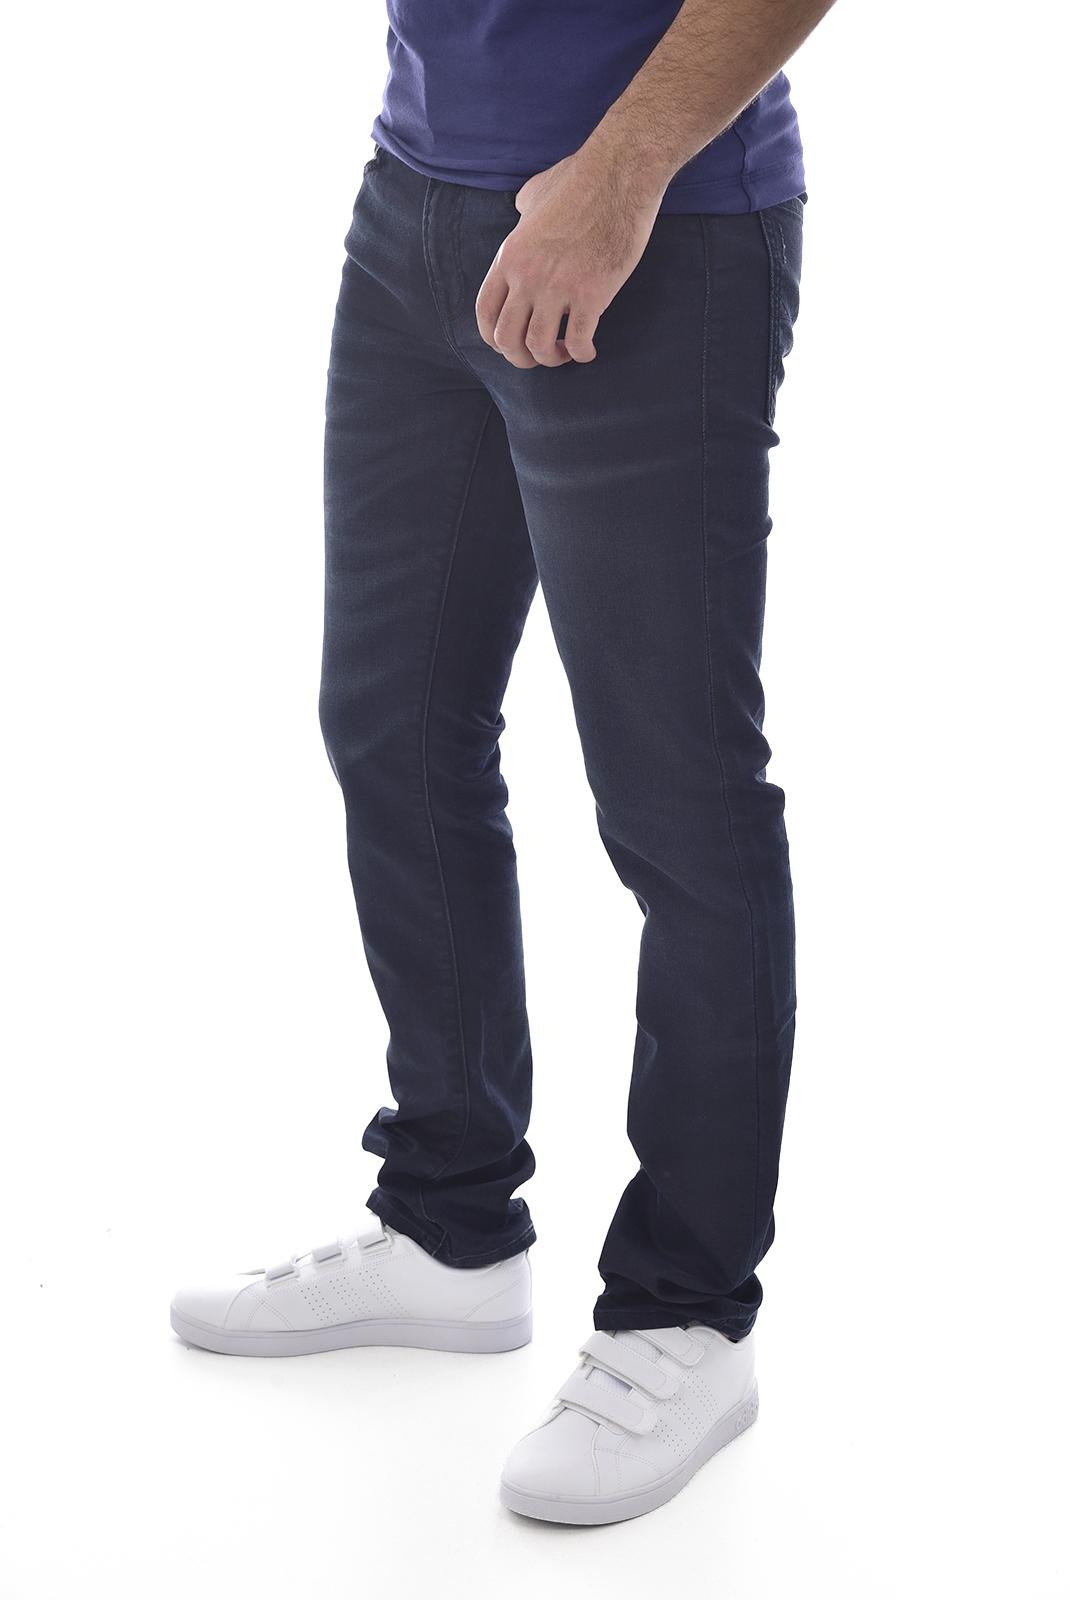 slim / skinny  Guess jeans M84AN2 D3CD0 ANGELS KICKER